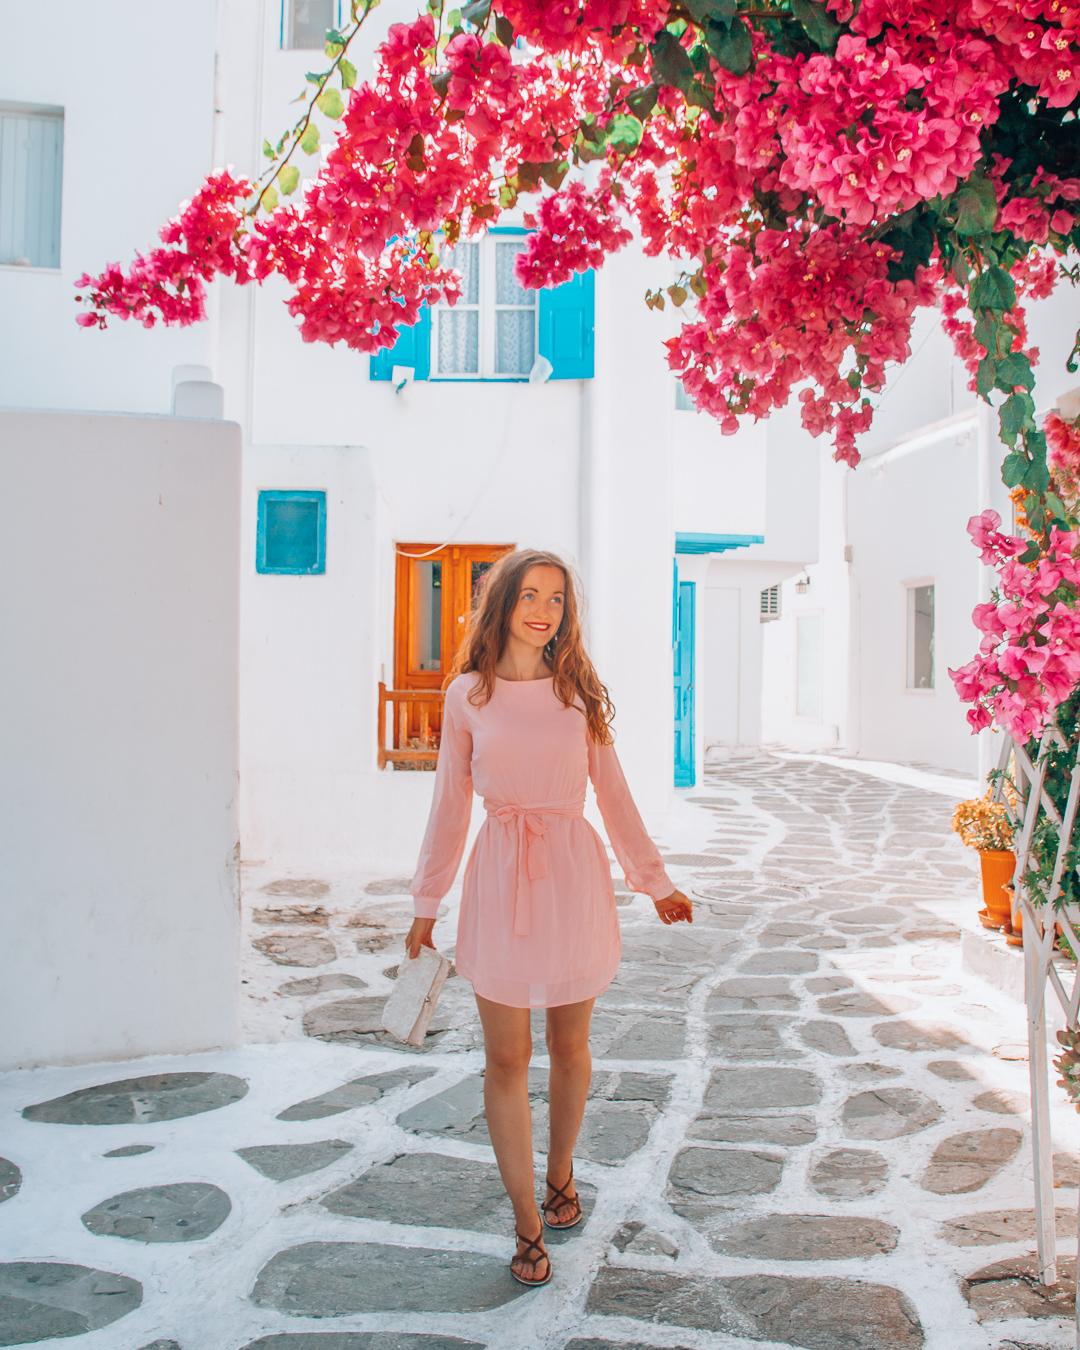 Girl standing behind pink flowers in Mykonos